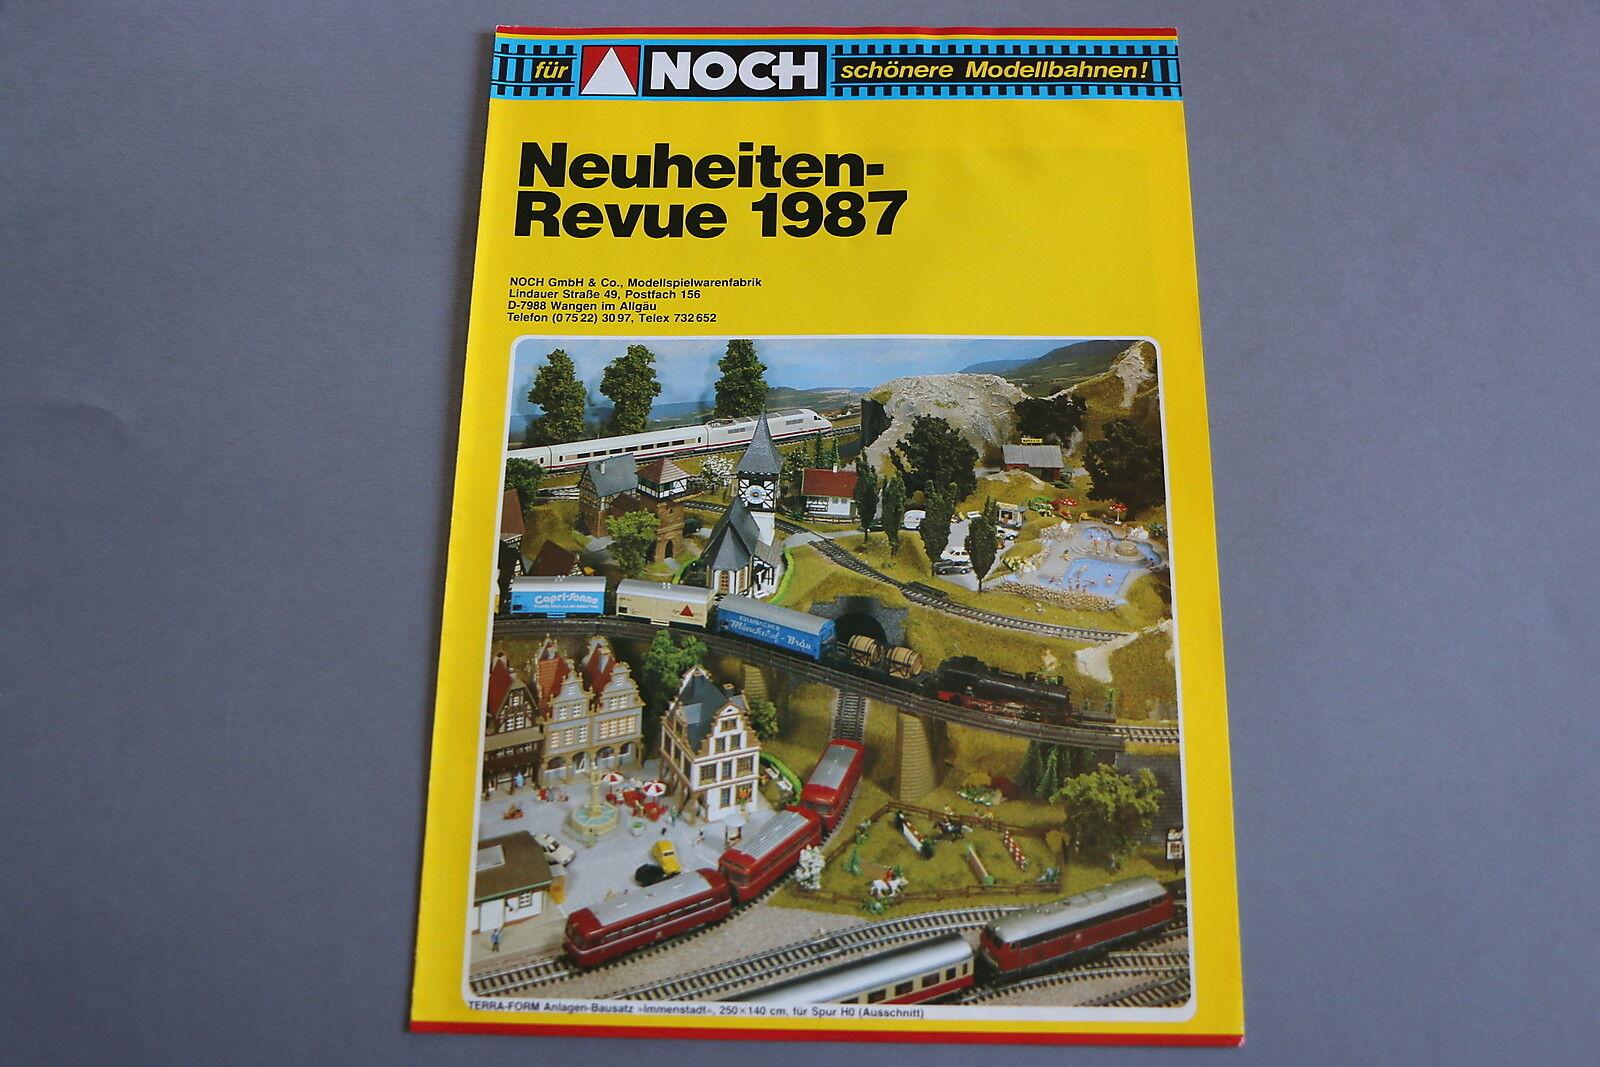 X273 NEUHEITEN Train maquette decor depliant Ho Z1987 6 pages 29,721 cm D